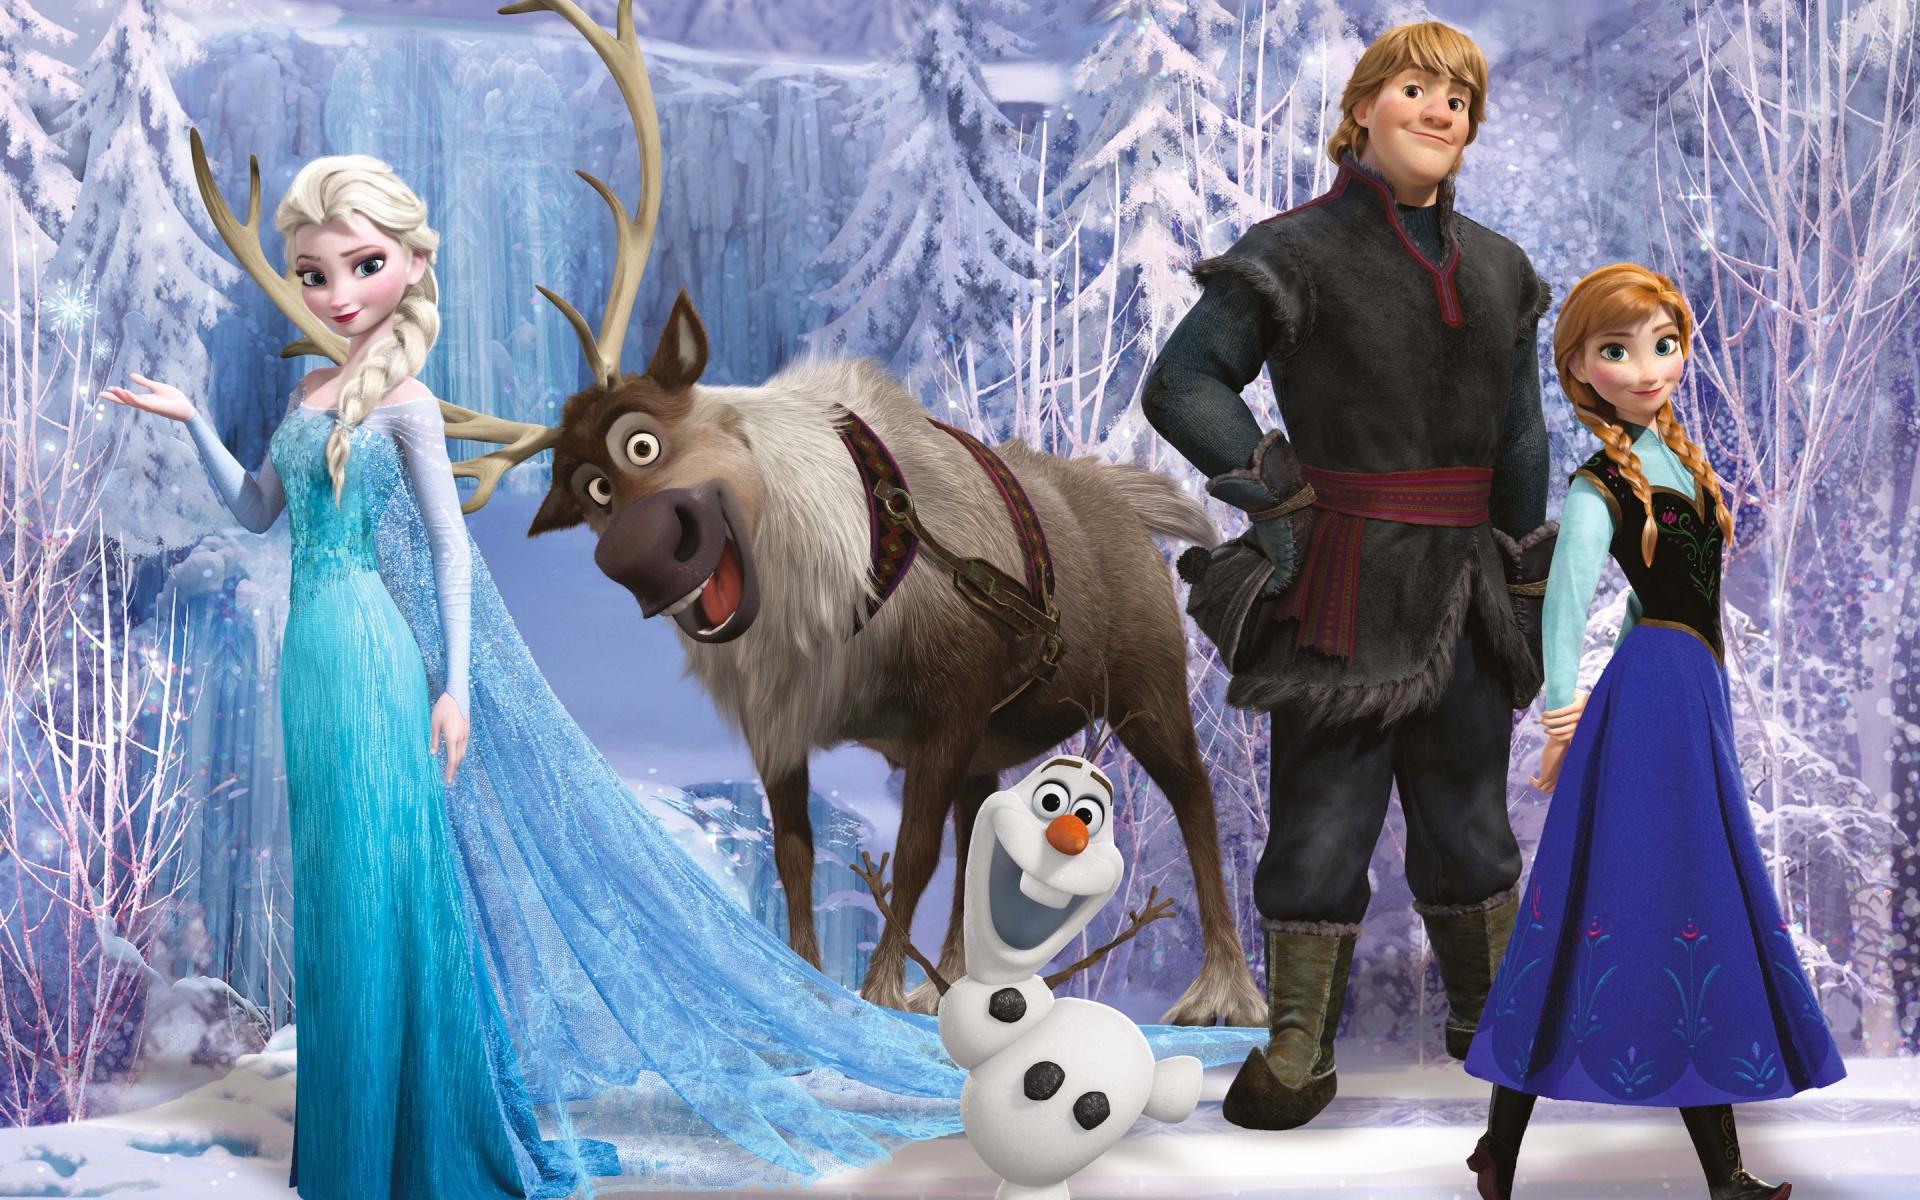 アナと雪の女王 壁紙